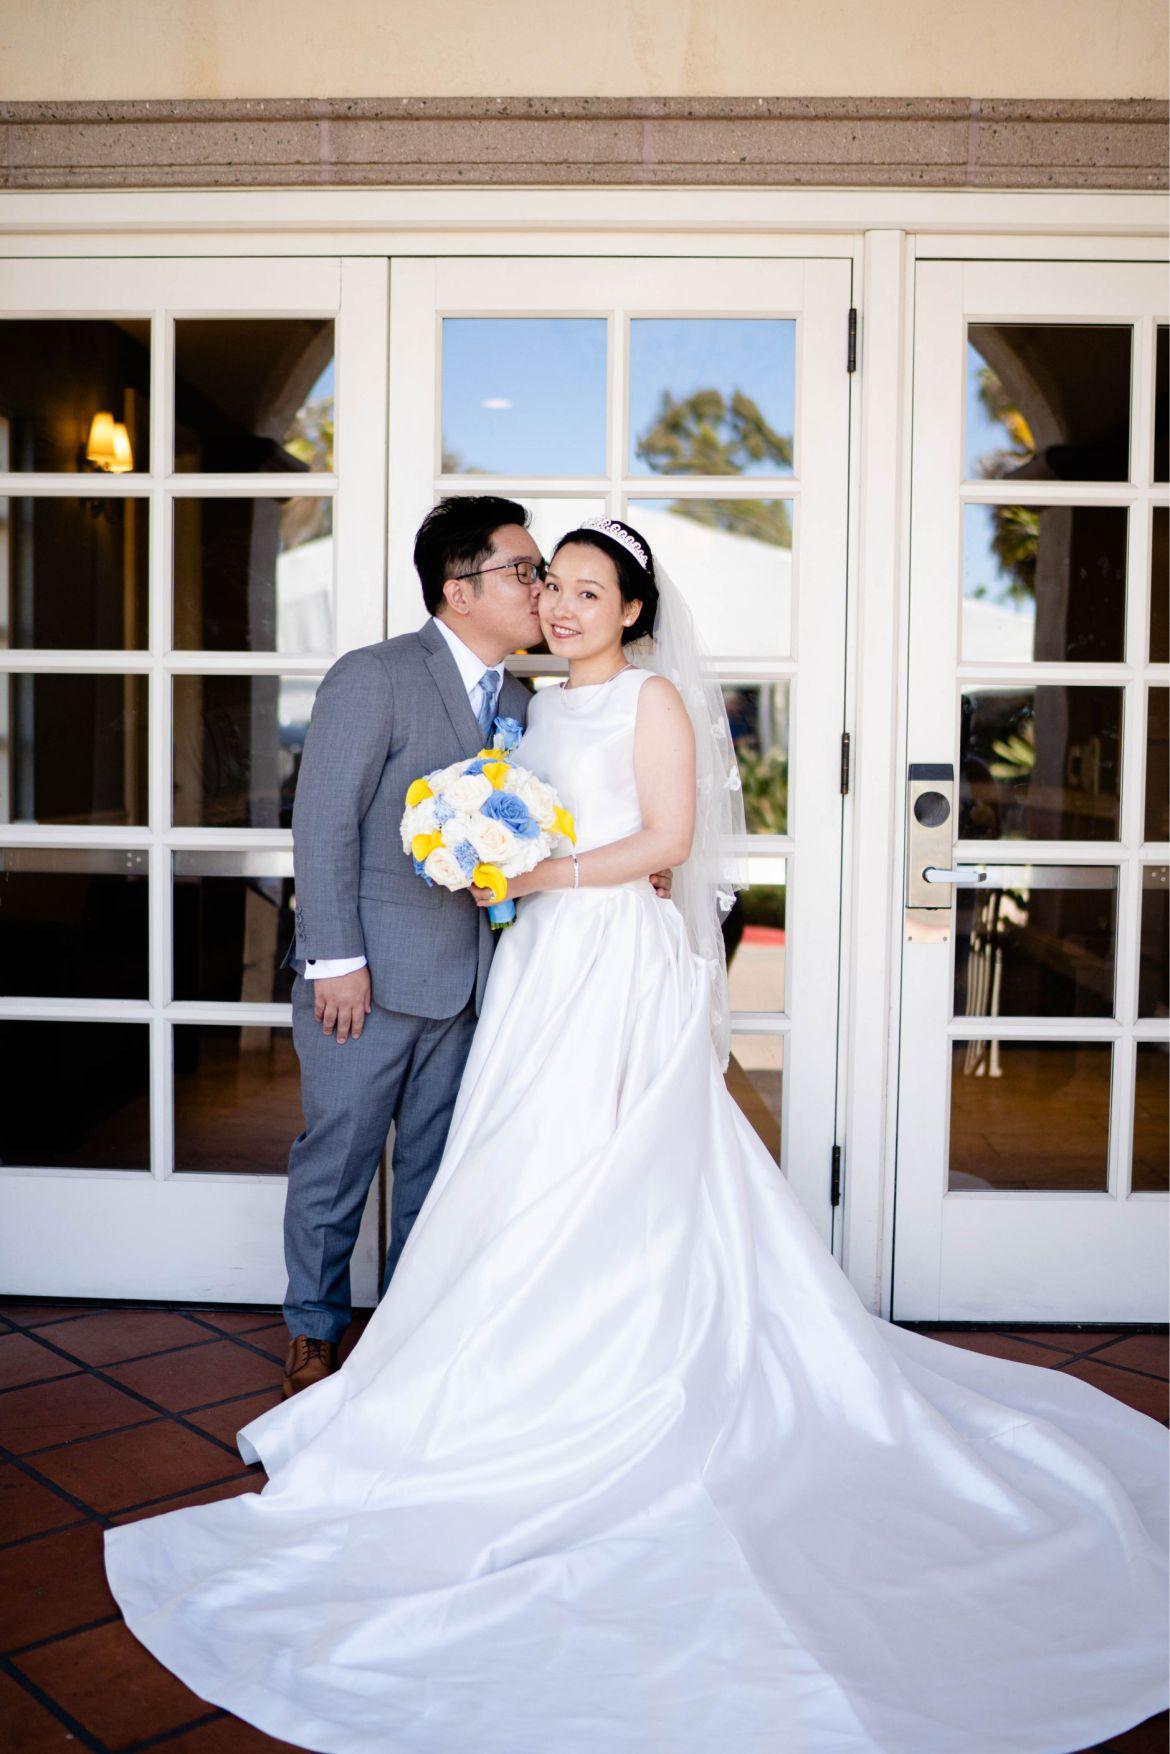 SD wedding idea